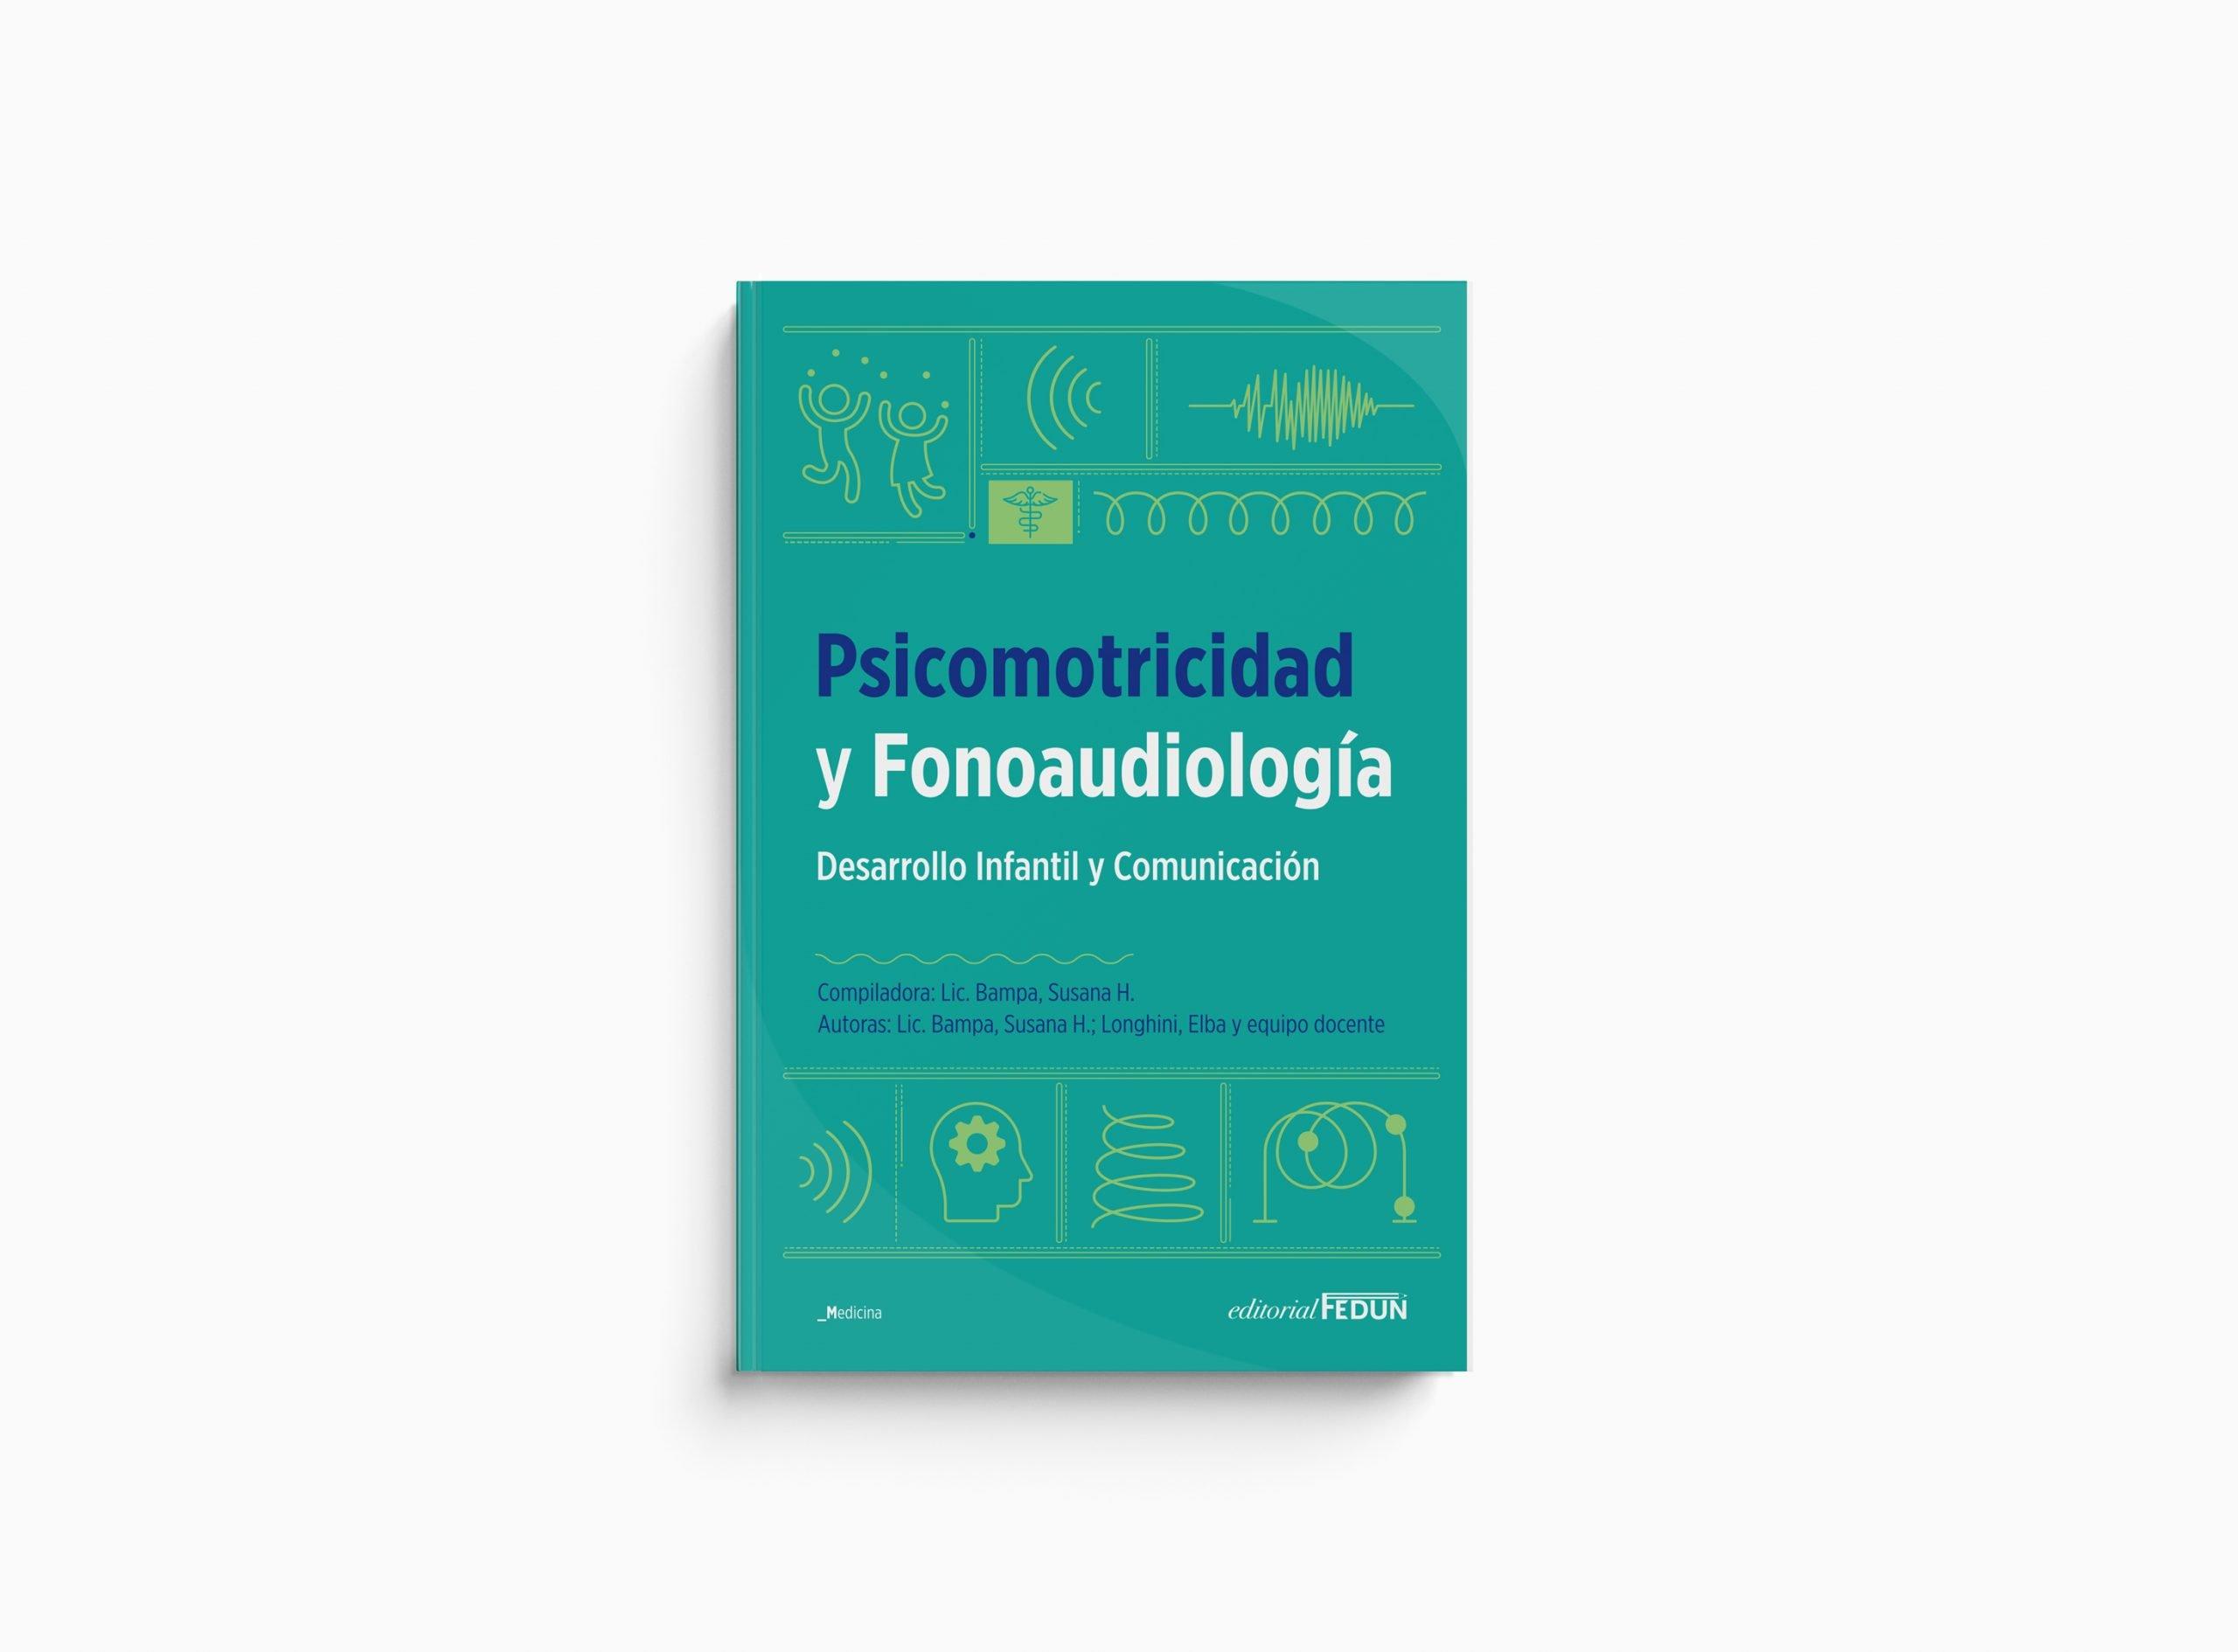 Psicomotricidad y fonoaudiología